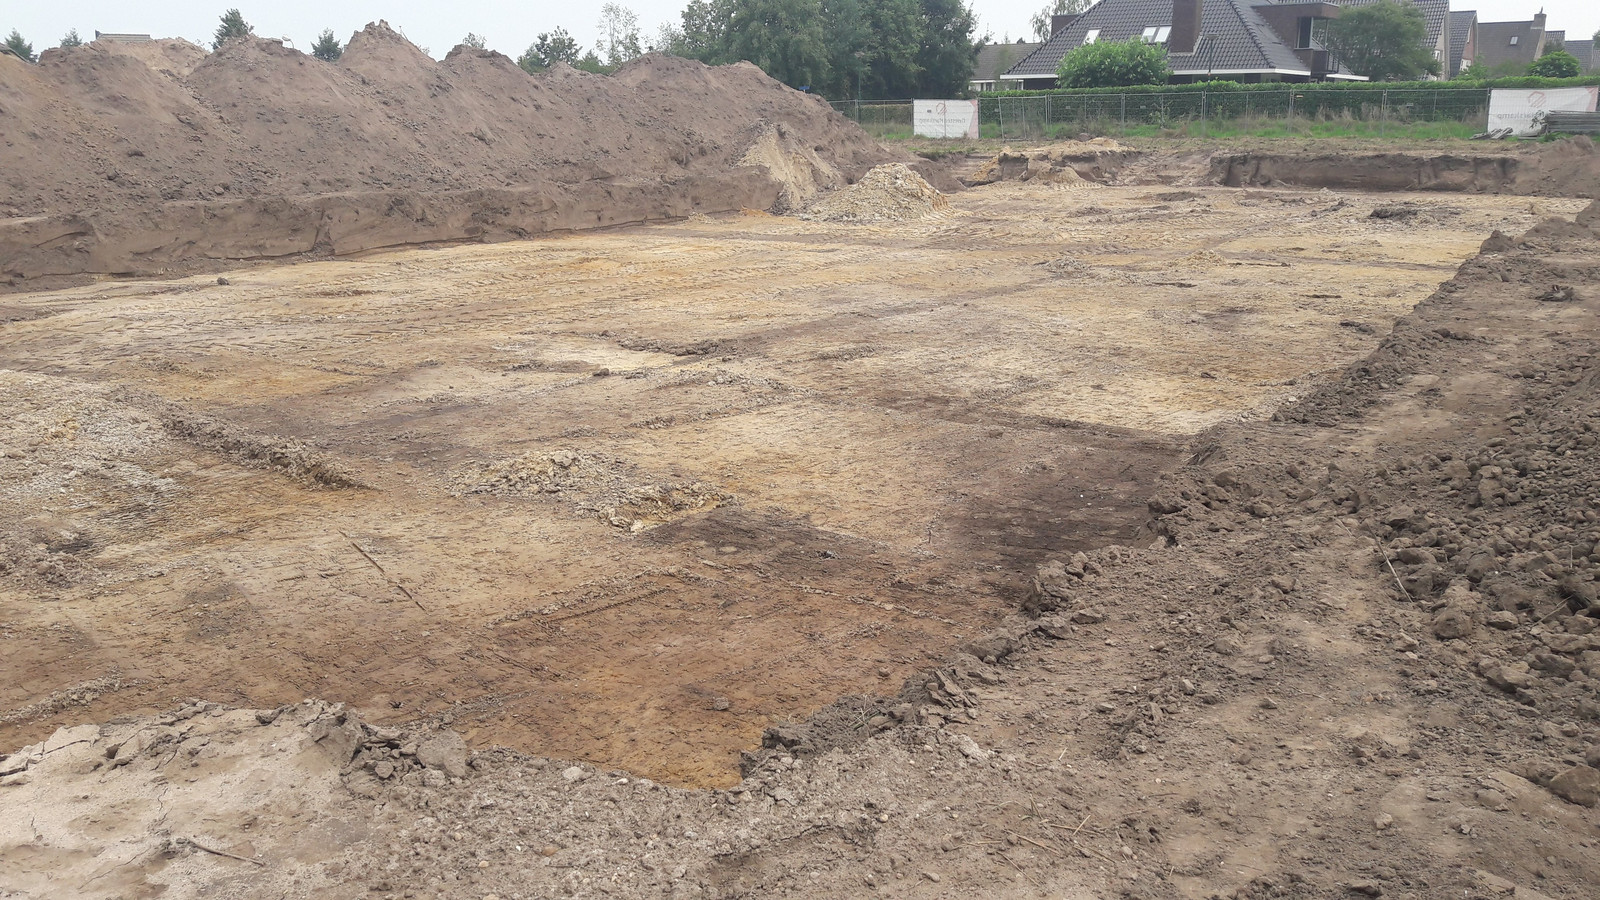 Het terrein bij Achterberg waar woonzorgcentrum De Linde moet komen en waar archeologische opgravingen zijn gedaan.